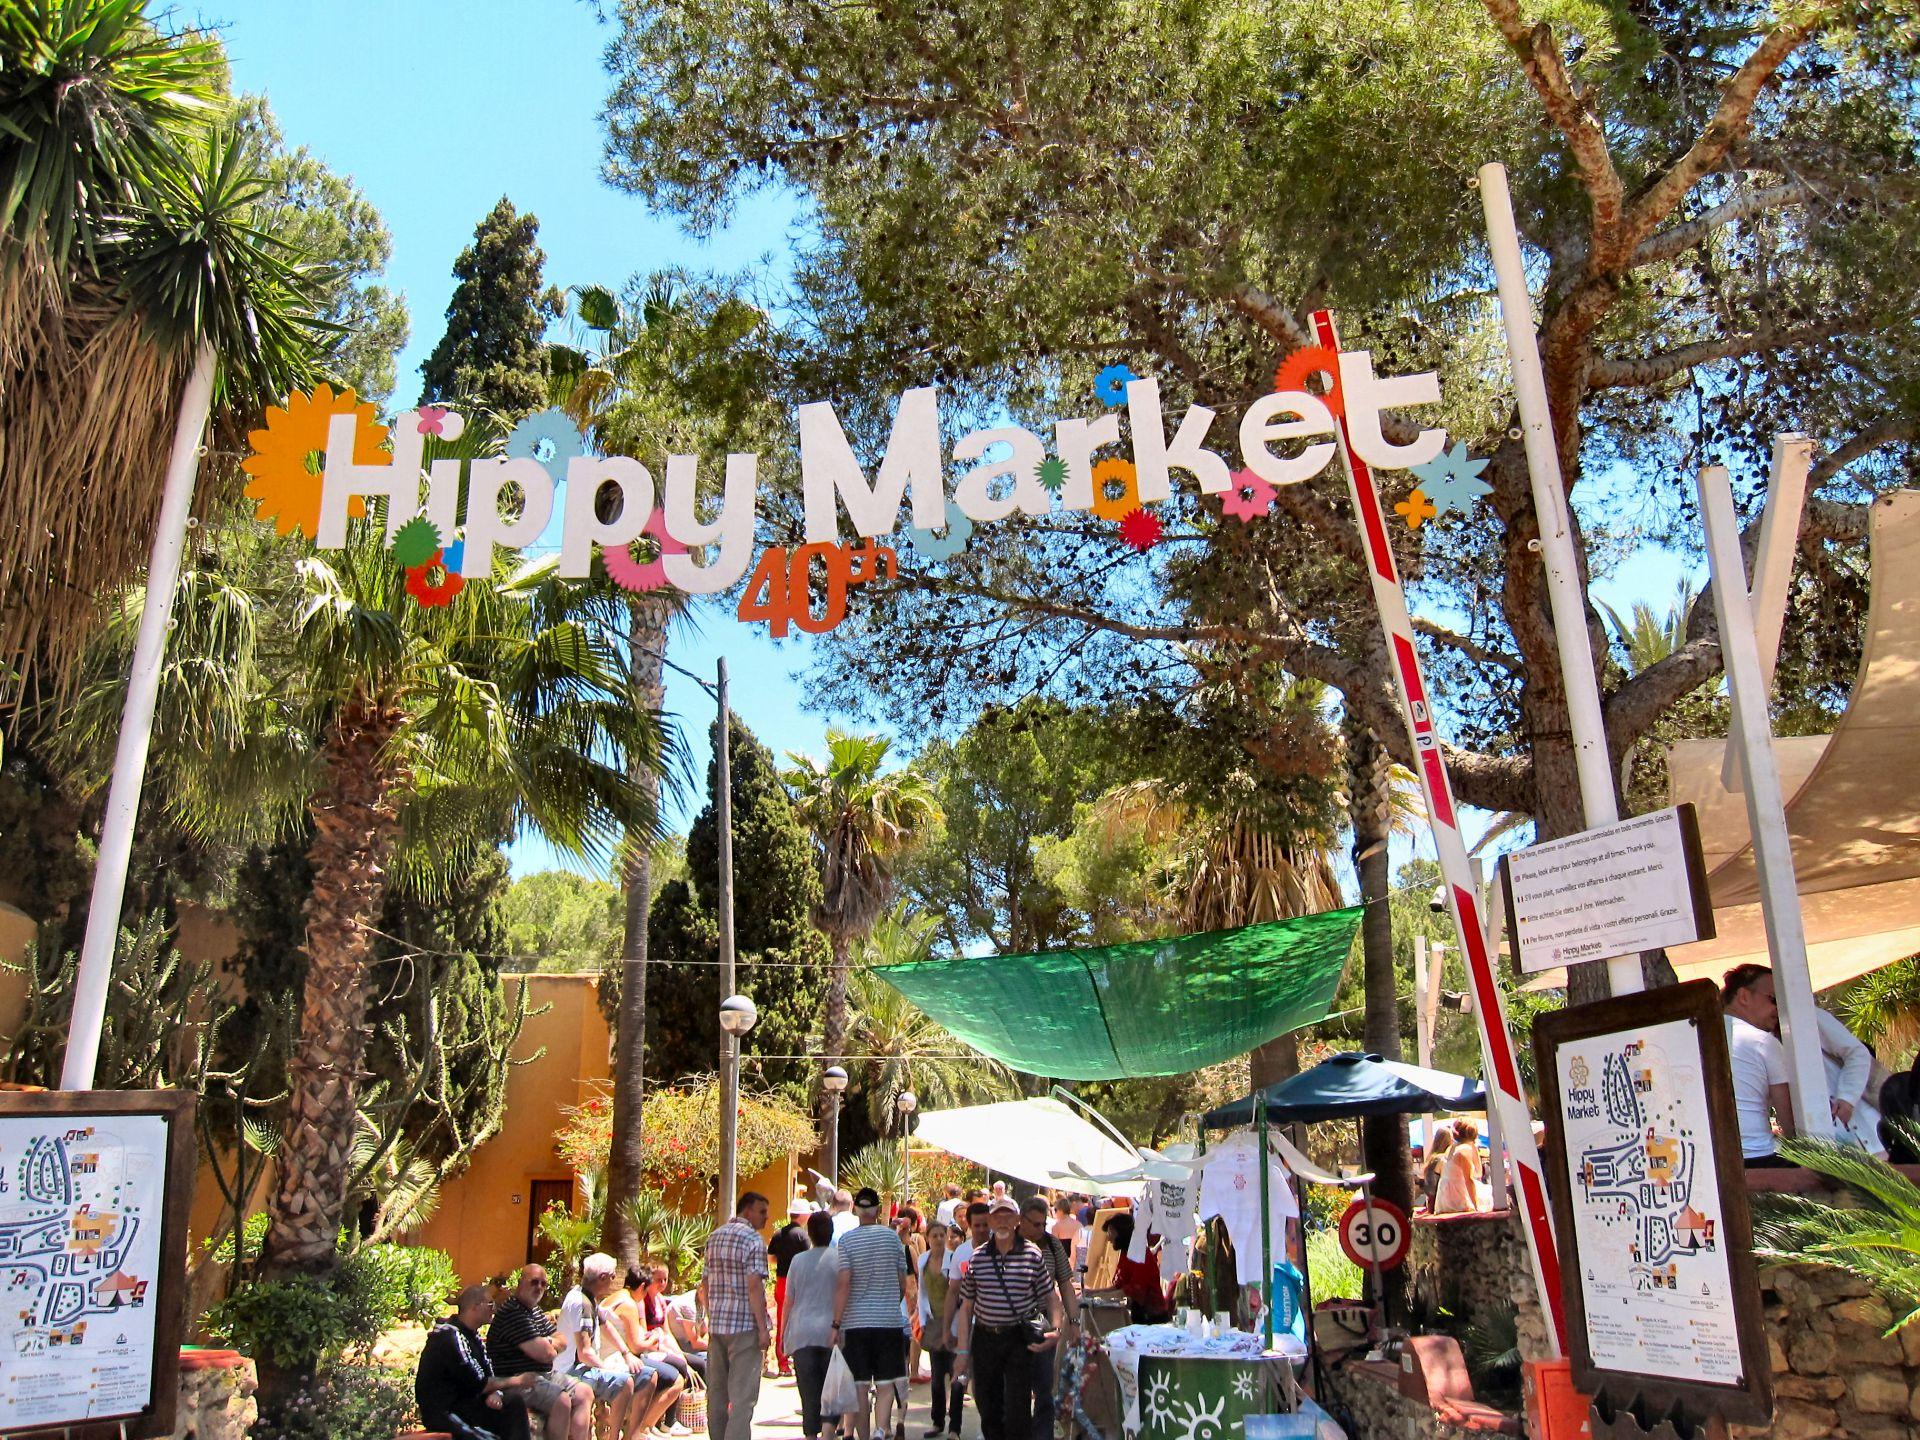 Wejście na Hippy Market na Ibizie